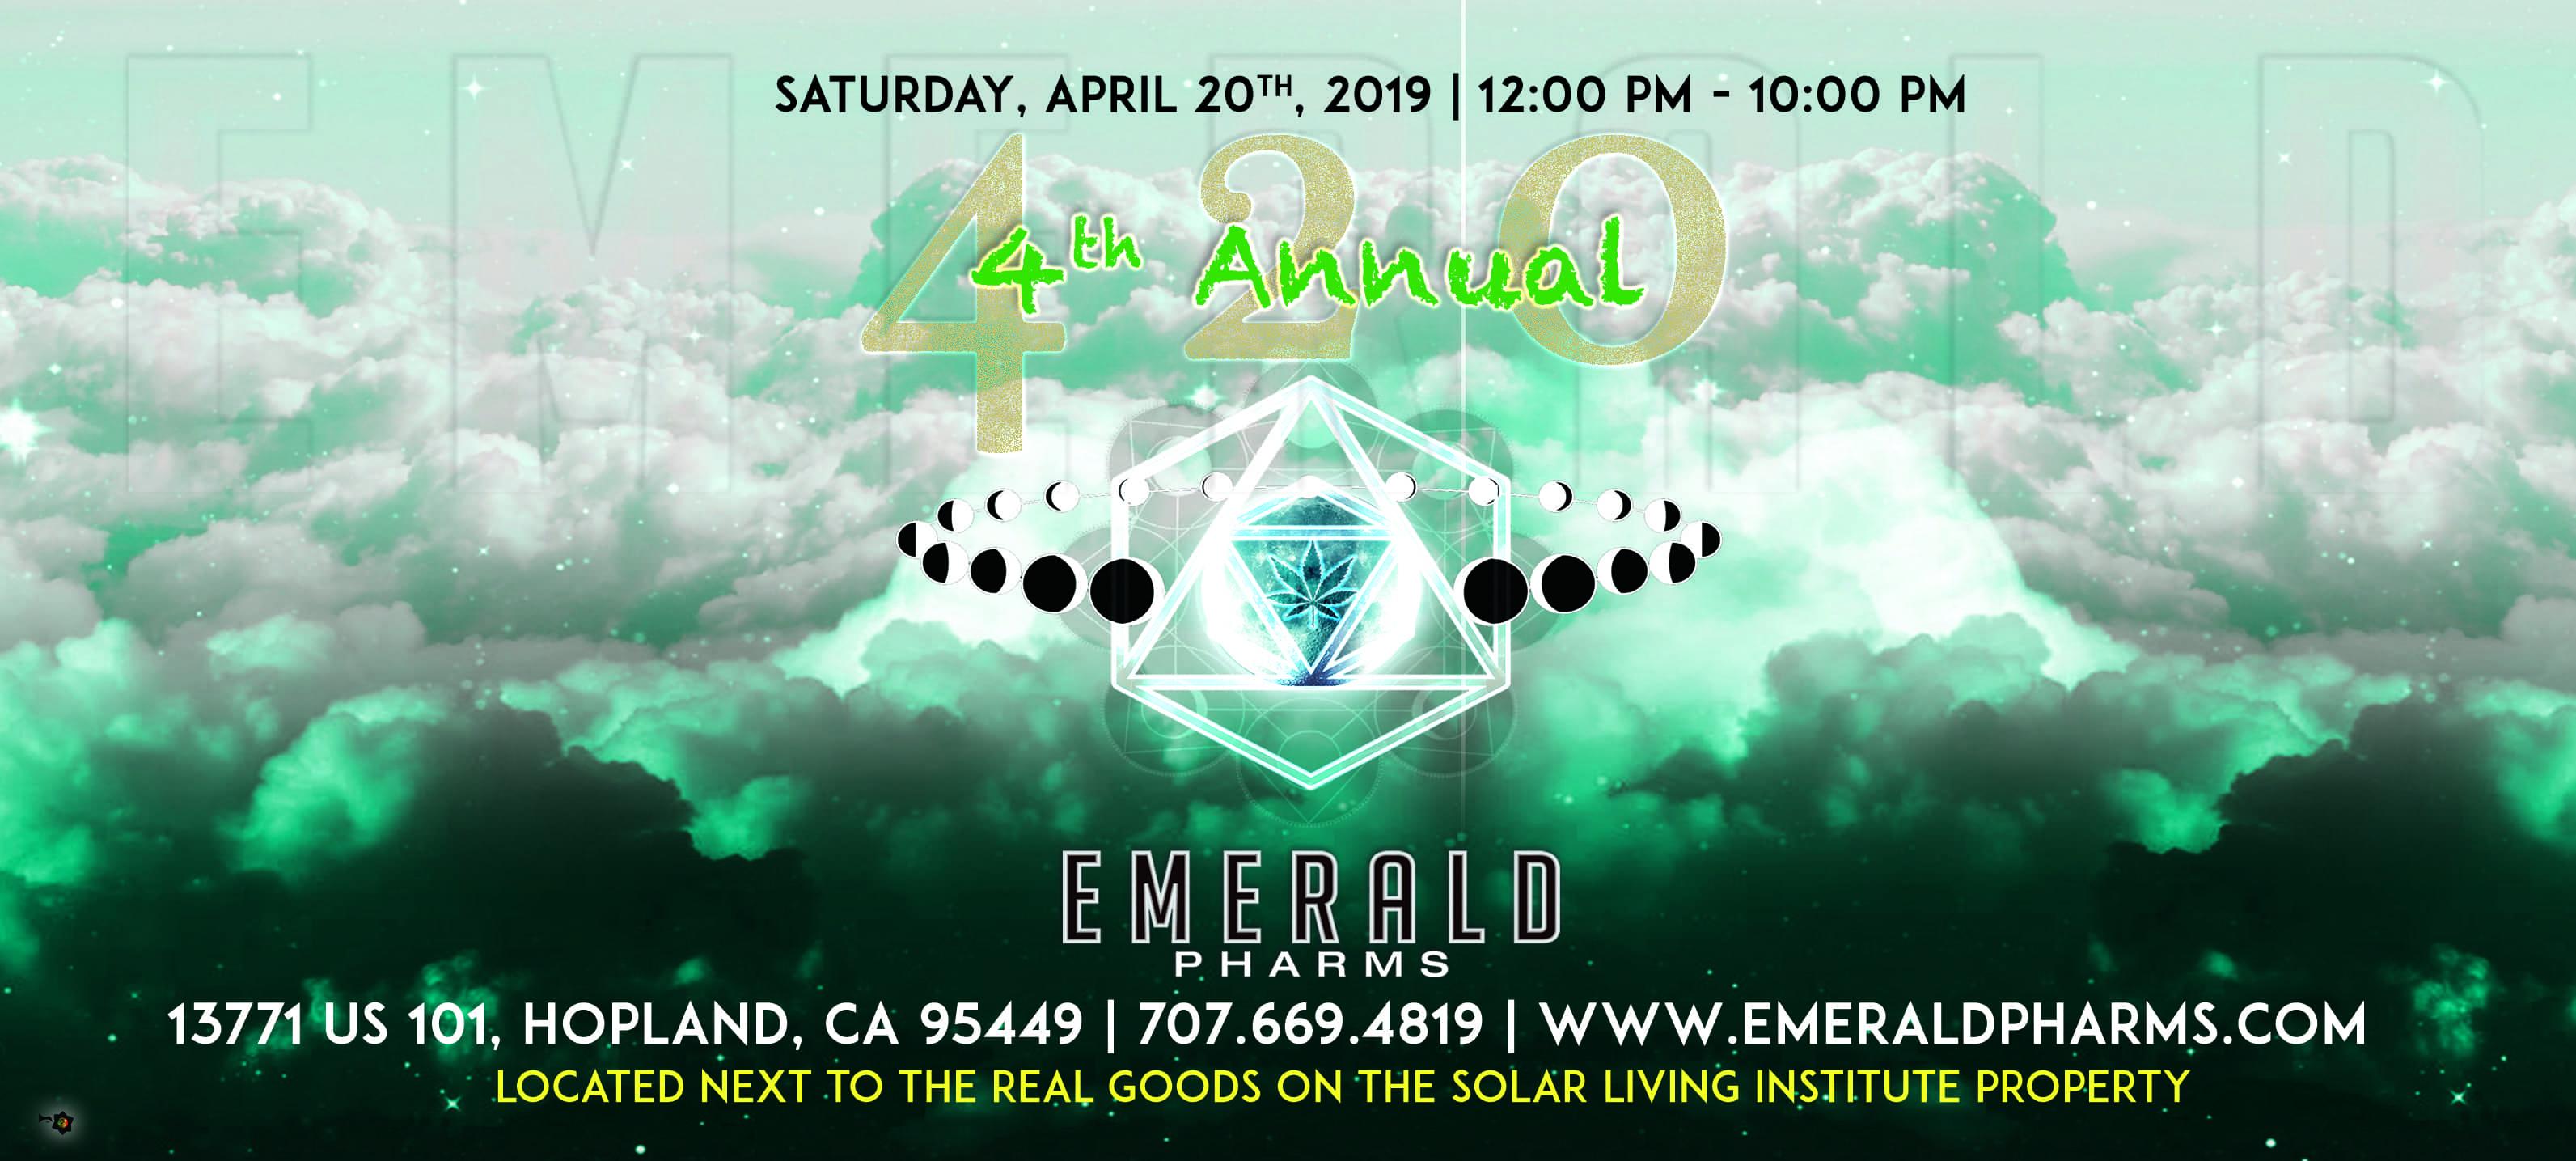 Emerald Pharms 4/20 Festival